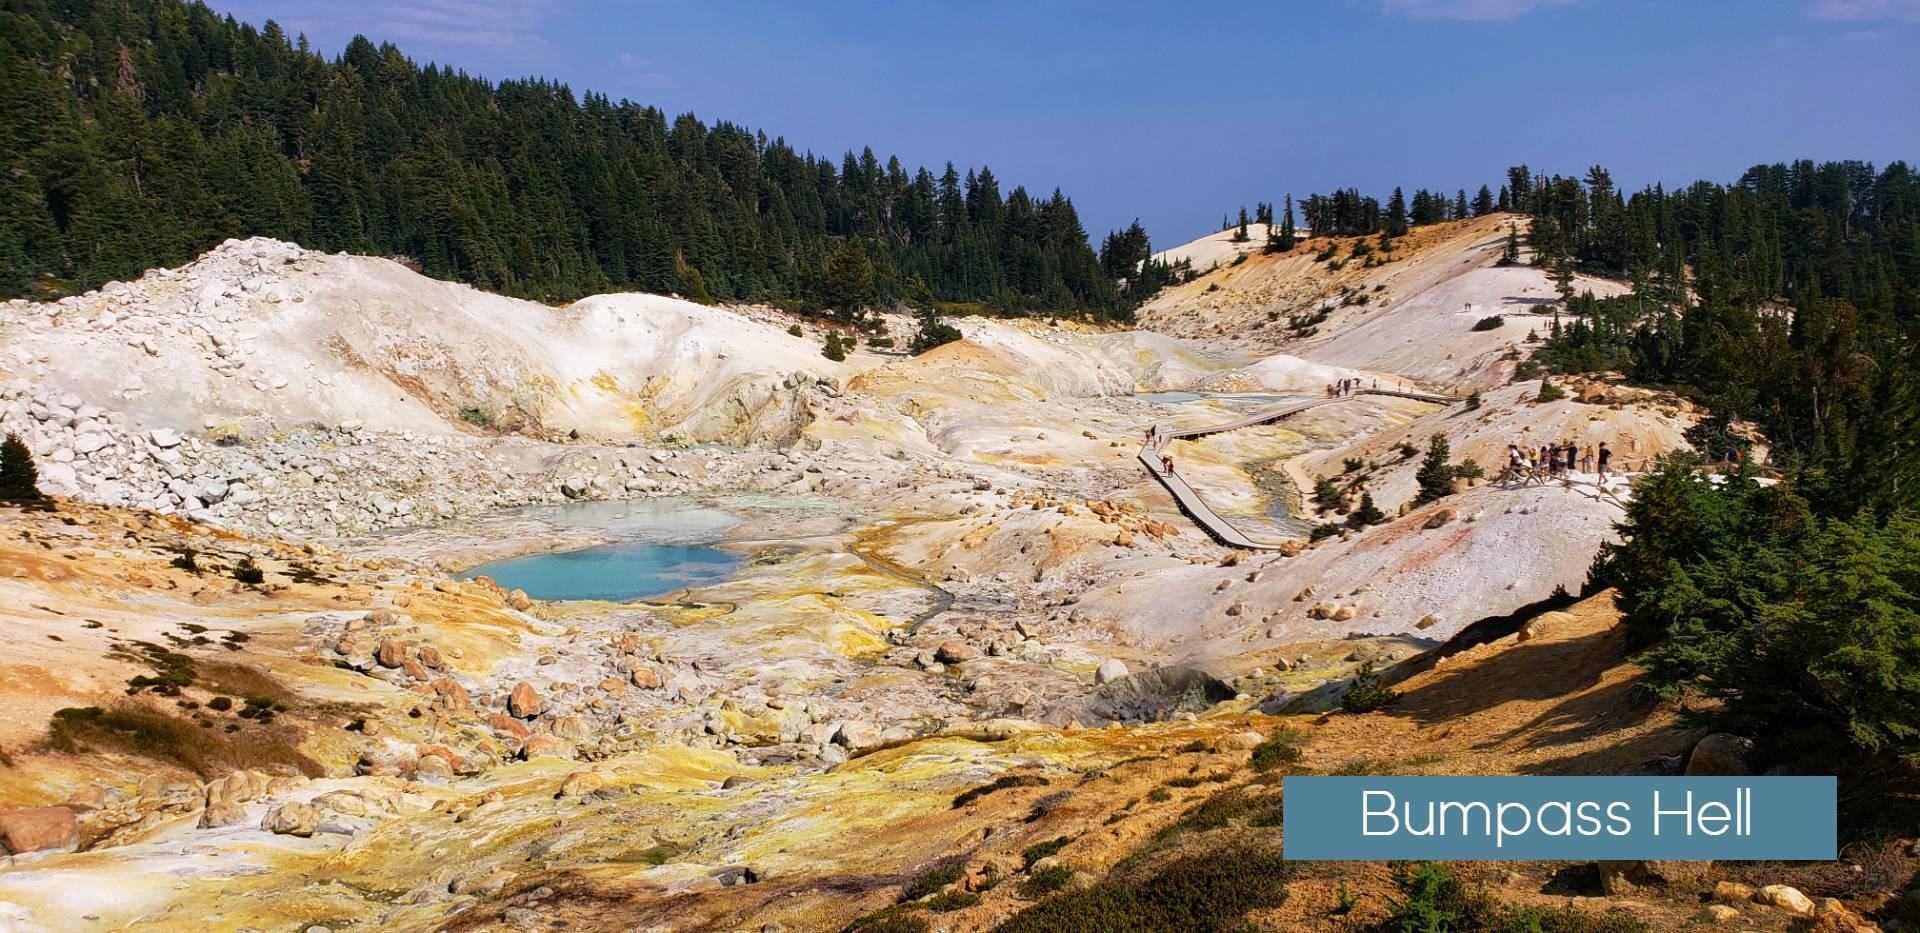 Bumpass Hell Lassen volcanic national park